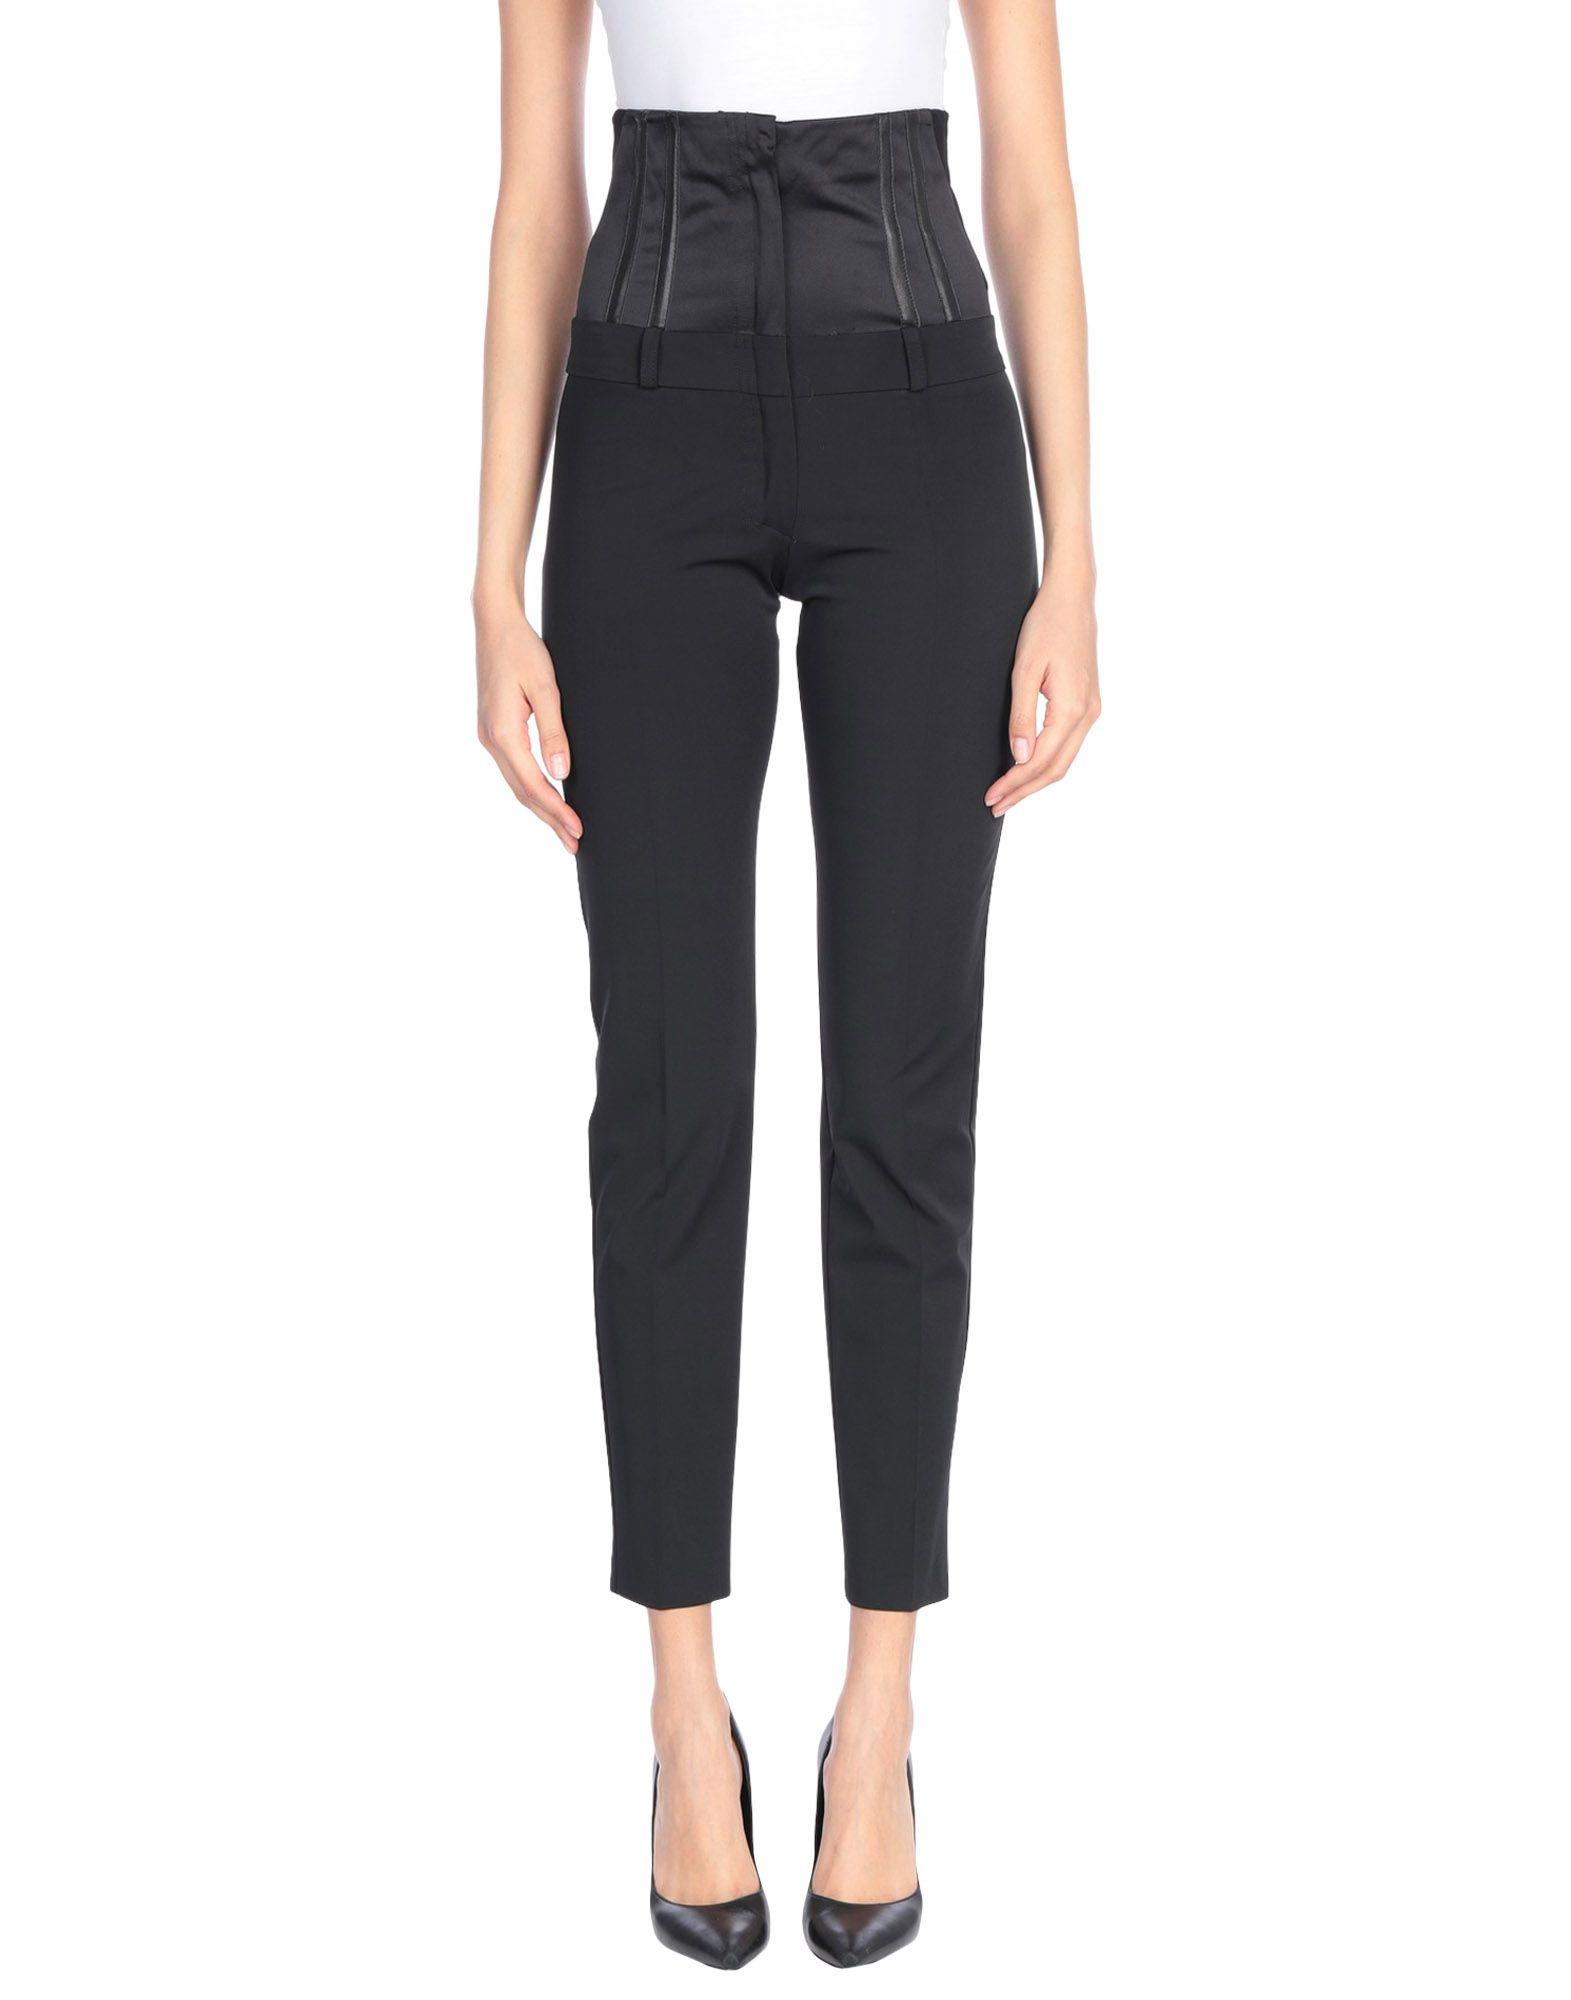 Pantalone Shi 4 donna - 13307807EN